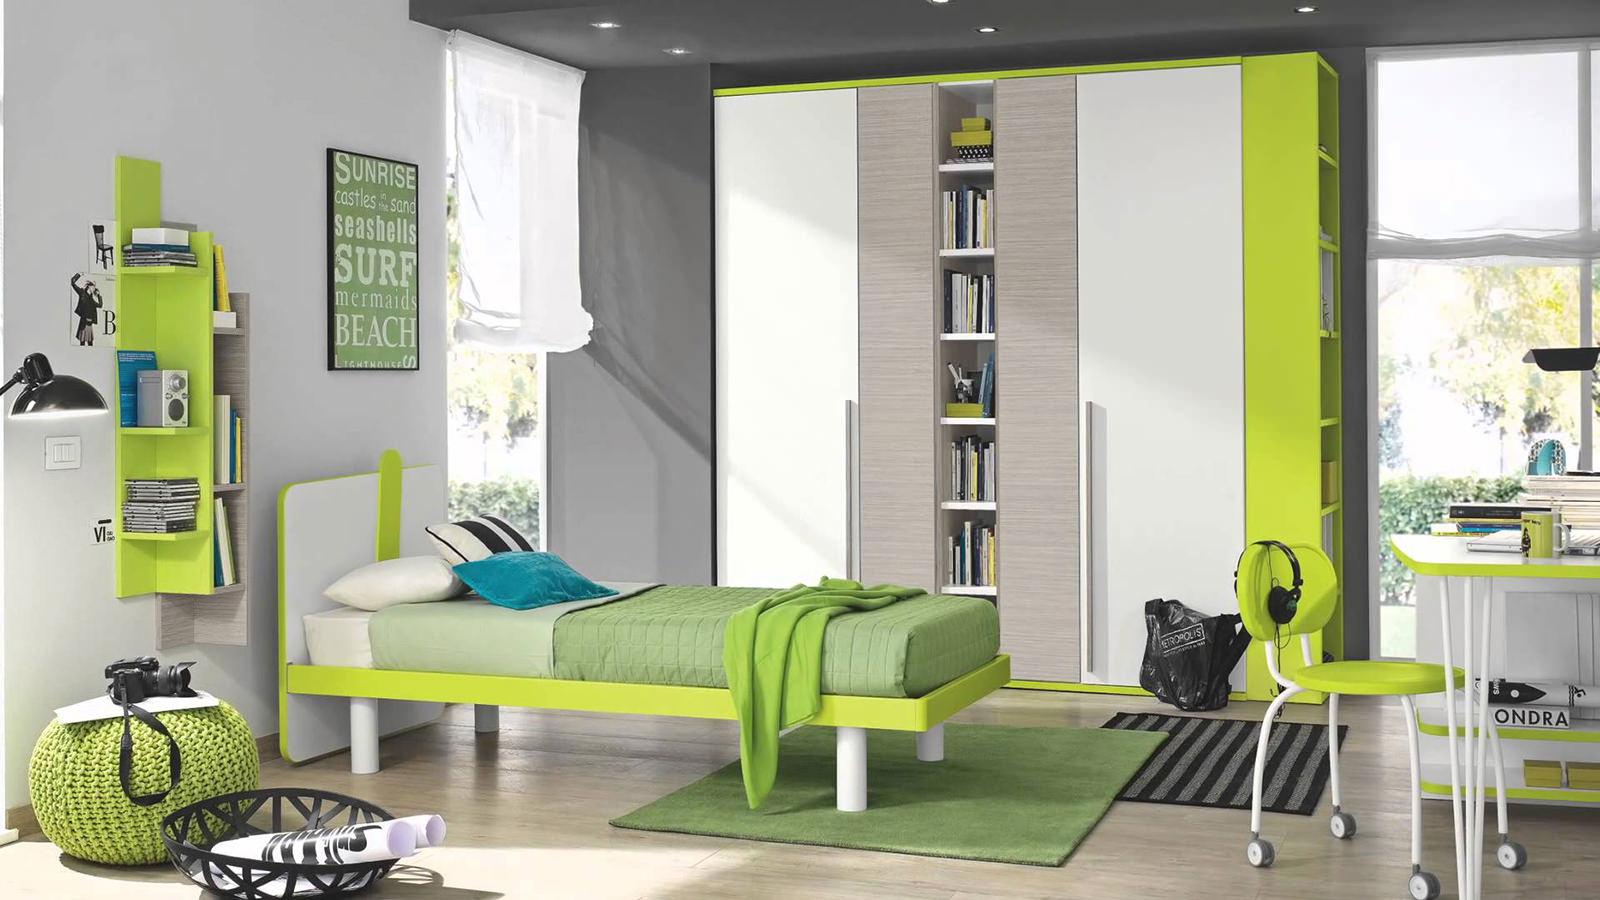 Дизайн комнаты для девочки подростка: цветовые гаммы, стили, полезные советы